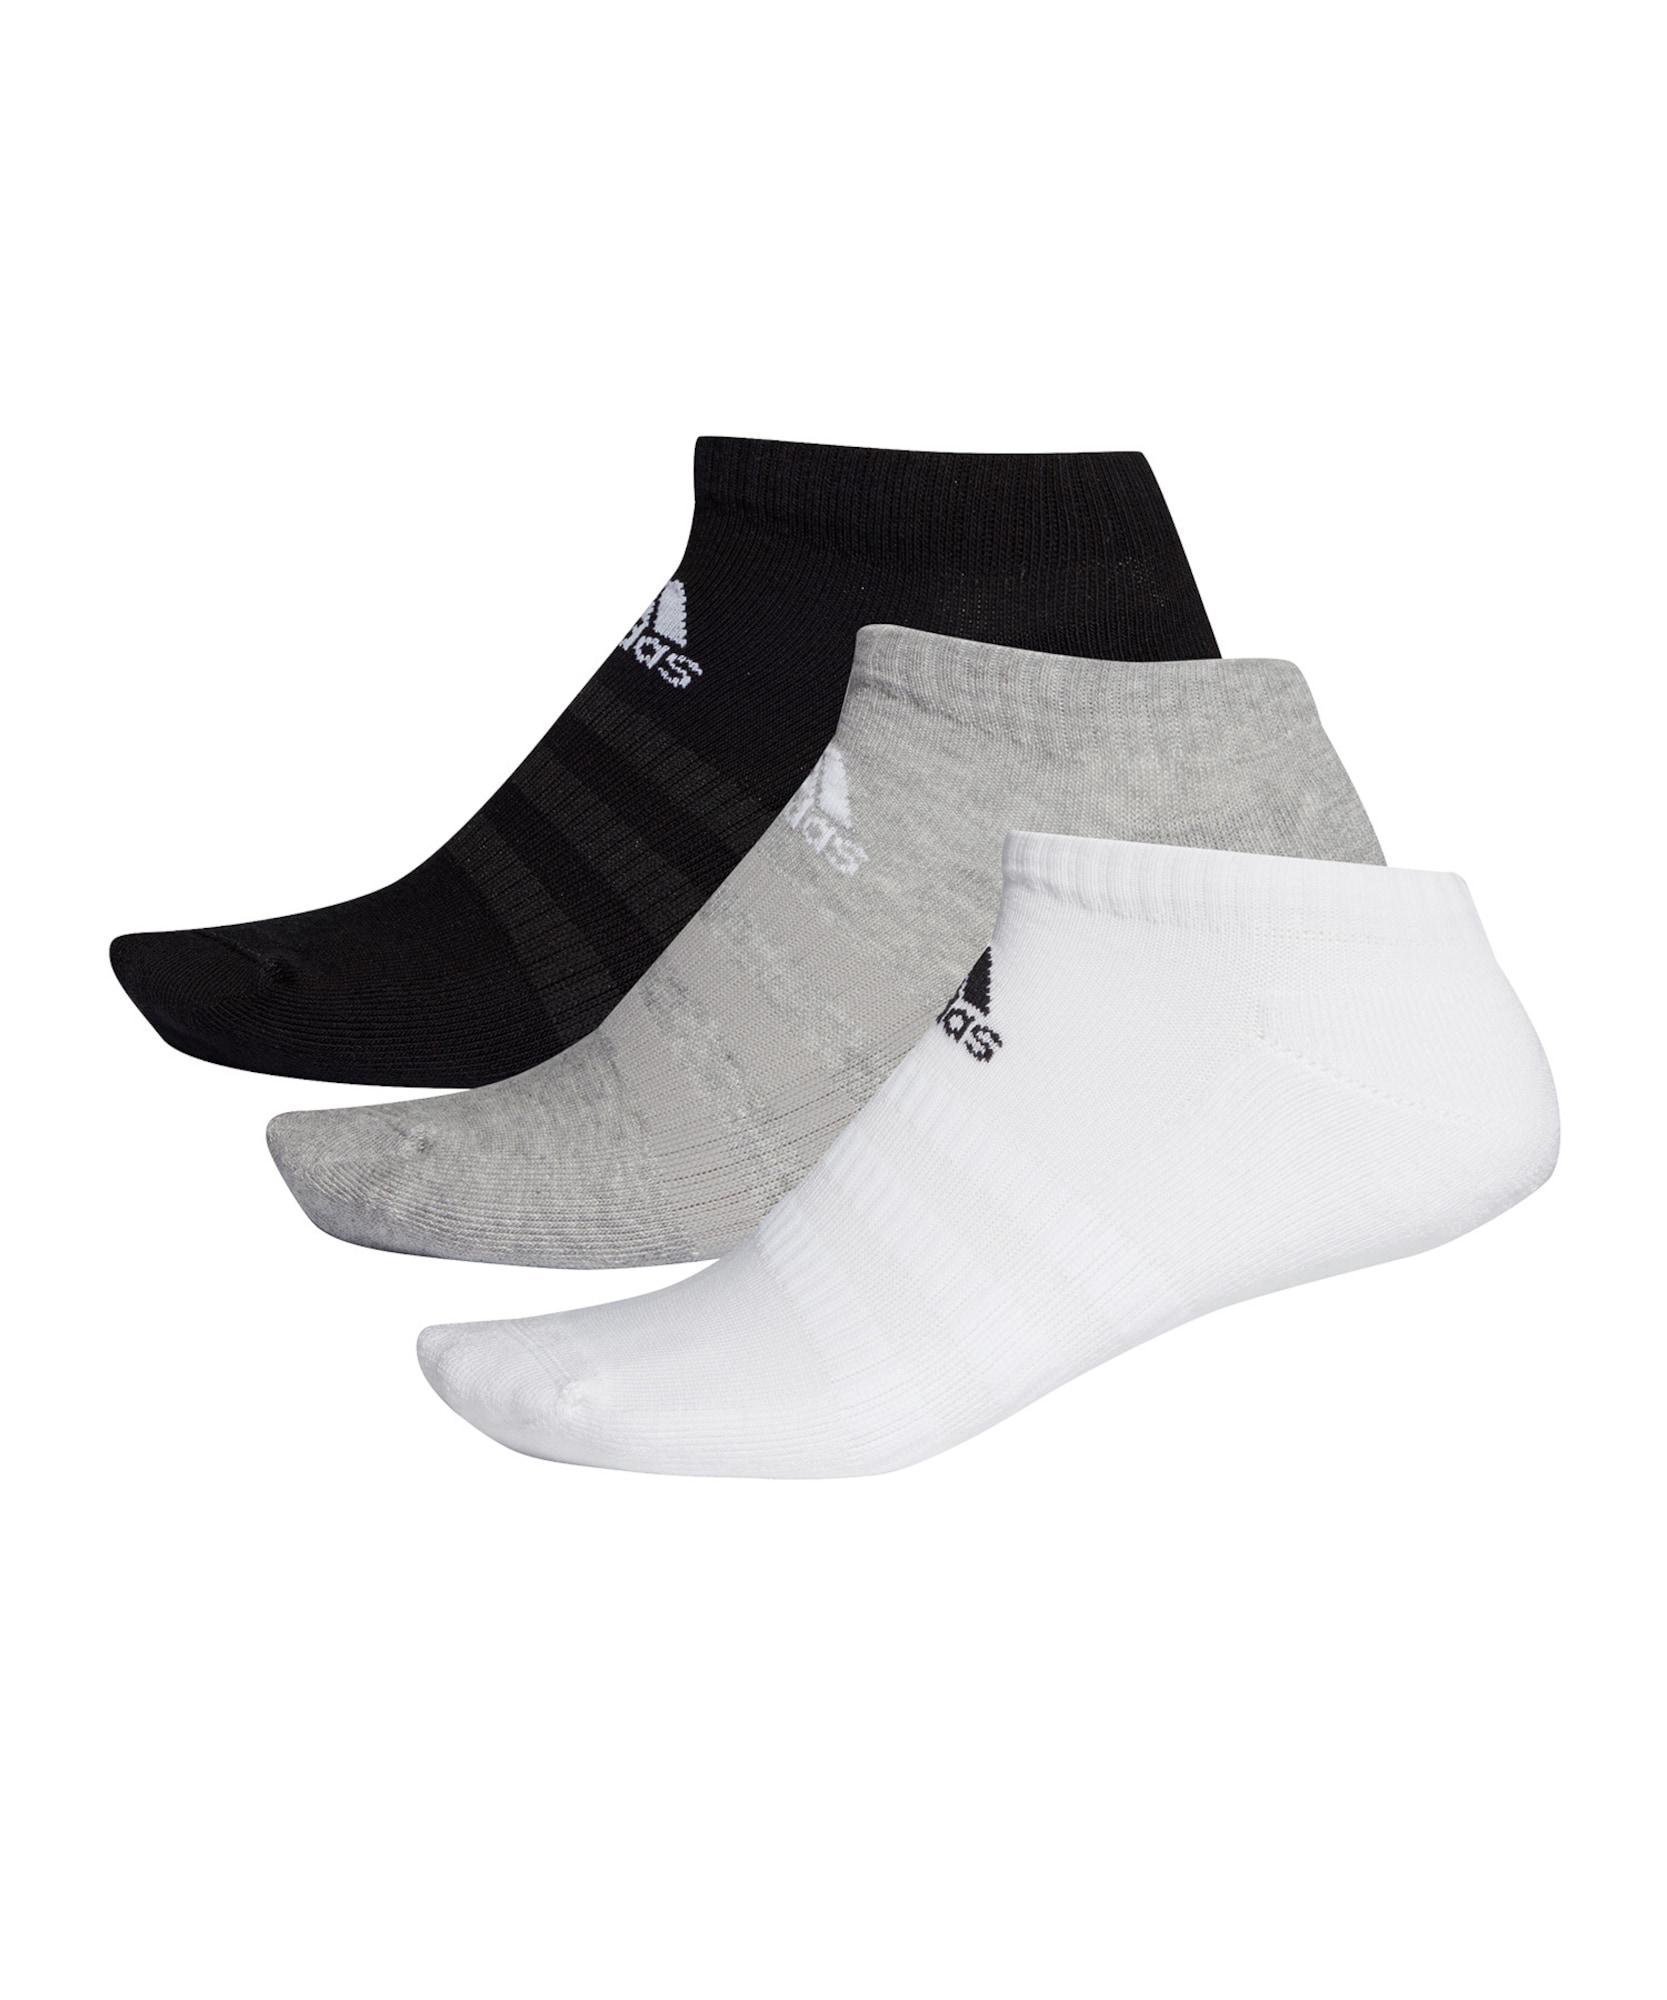 ADIDAS PERFORMANCE Sportinės kojinės juoda / balta / pilka